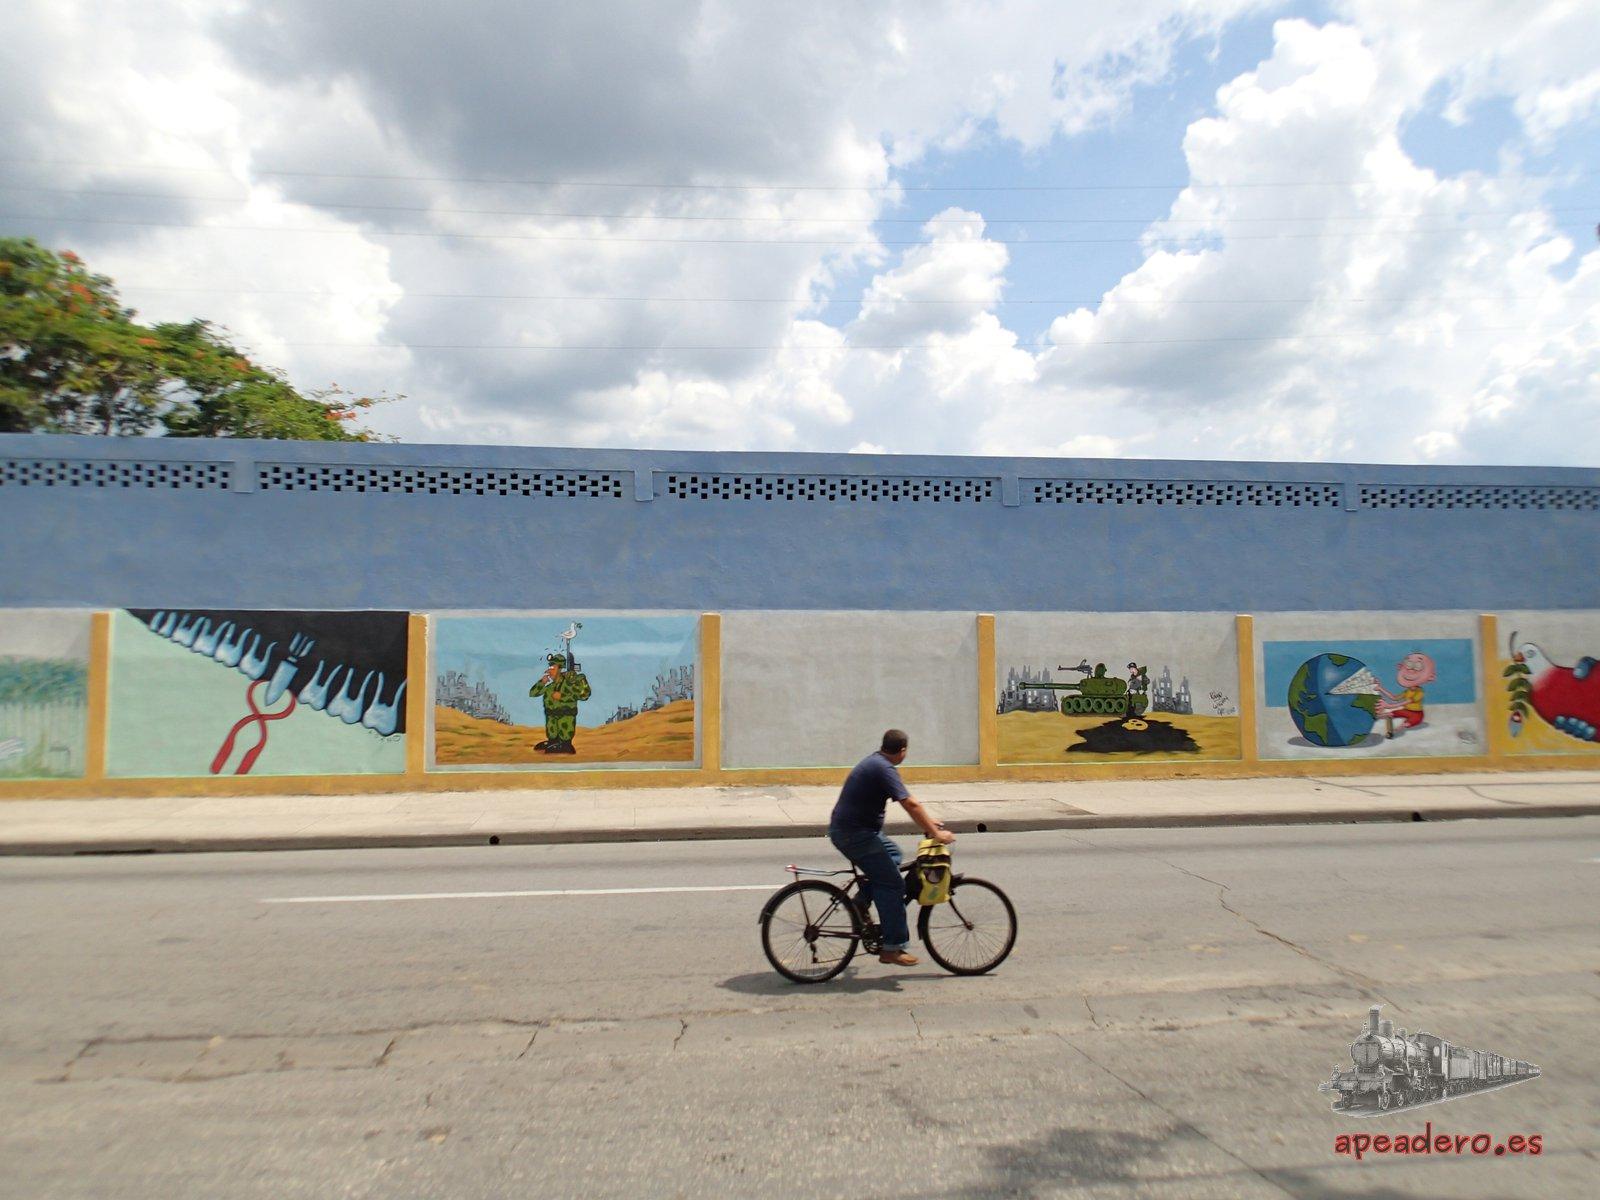 Una característica de Cuba son los murales que adornan muchas paredes de las ciudades. Estos son contra las guerras.